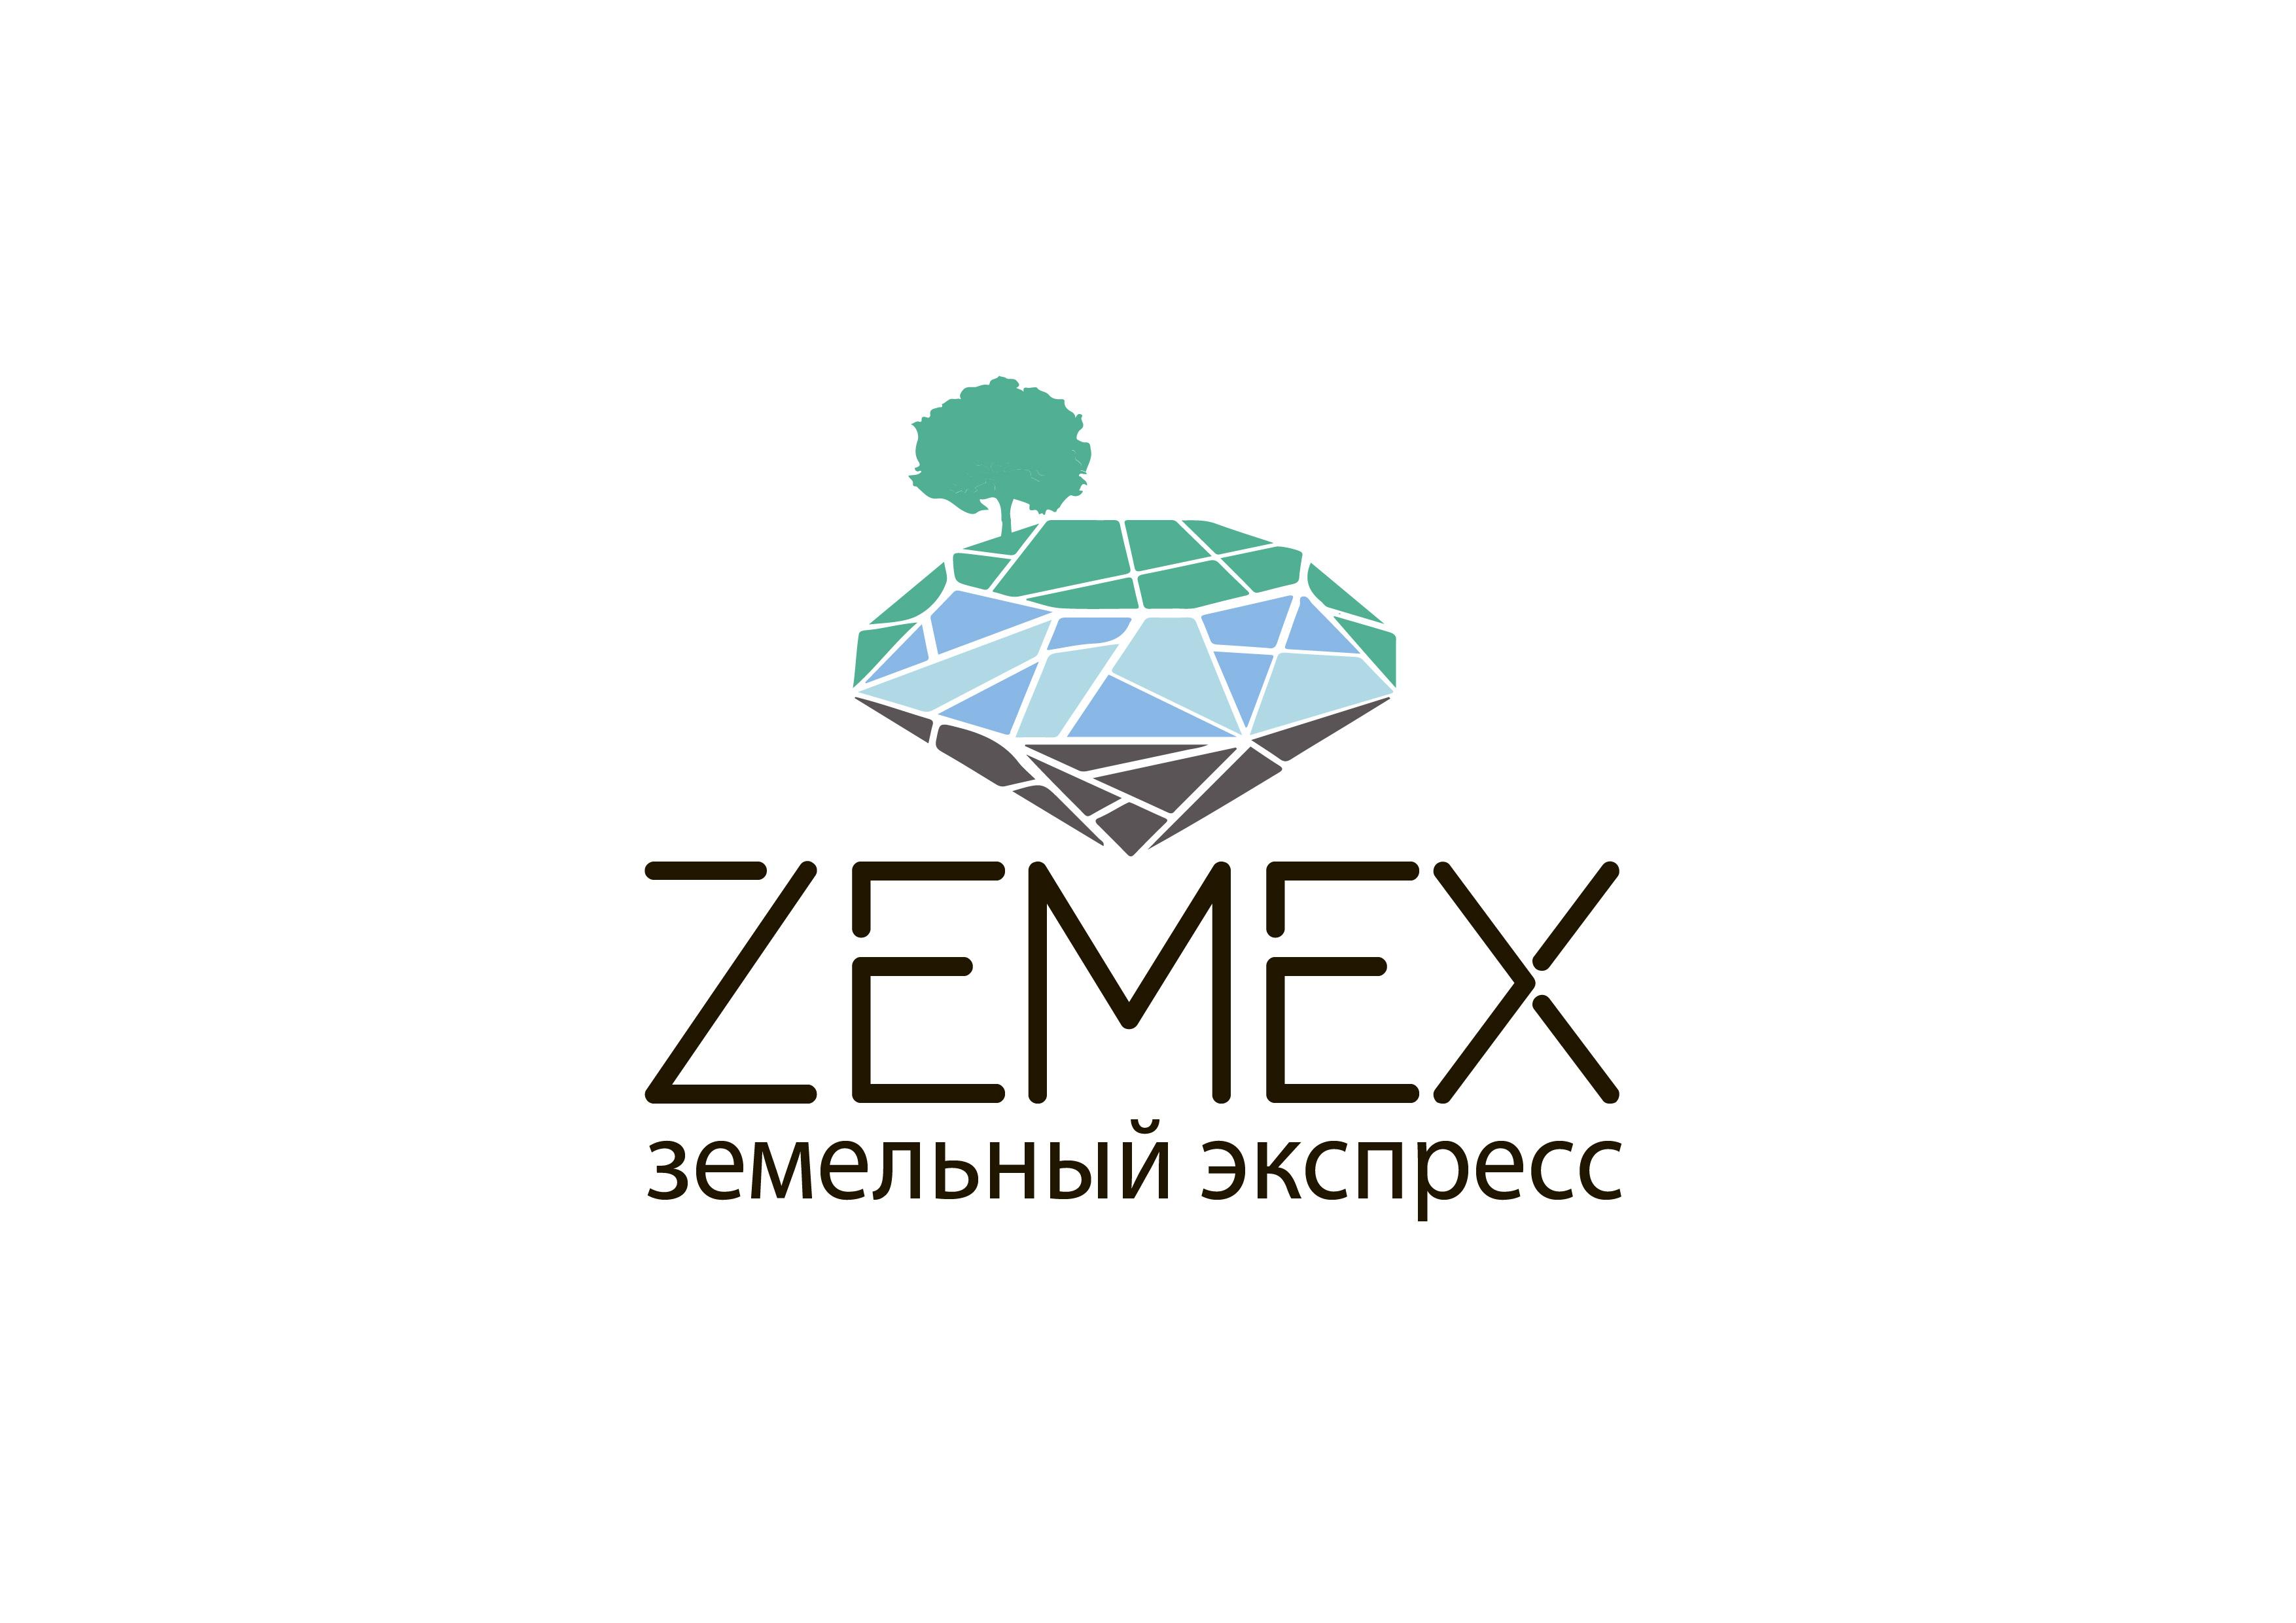 Создание логотипа и фирменного стиля фото f_15759ee61ca73c86.jpg